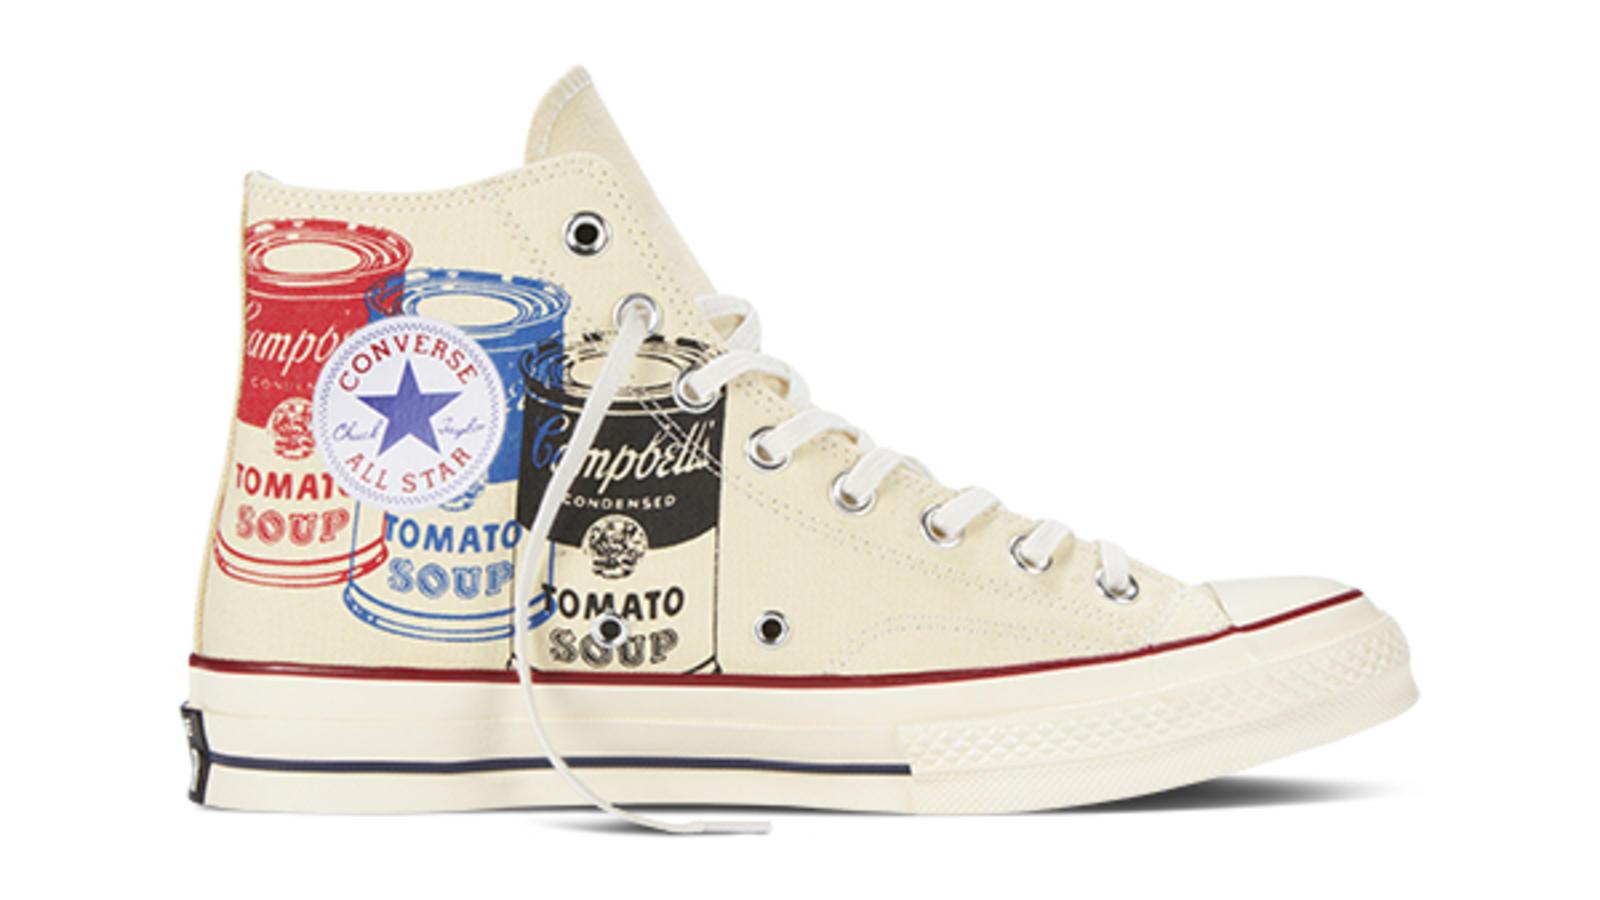 84e7132073d2 Converse Chuck Taylor All Star 70 Andy Warhol Campbells Soup Hi Original